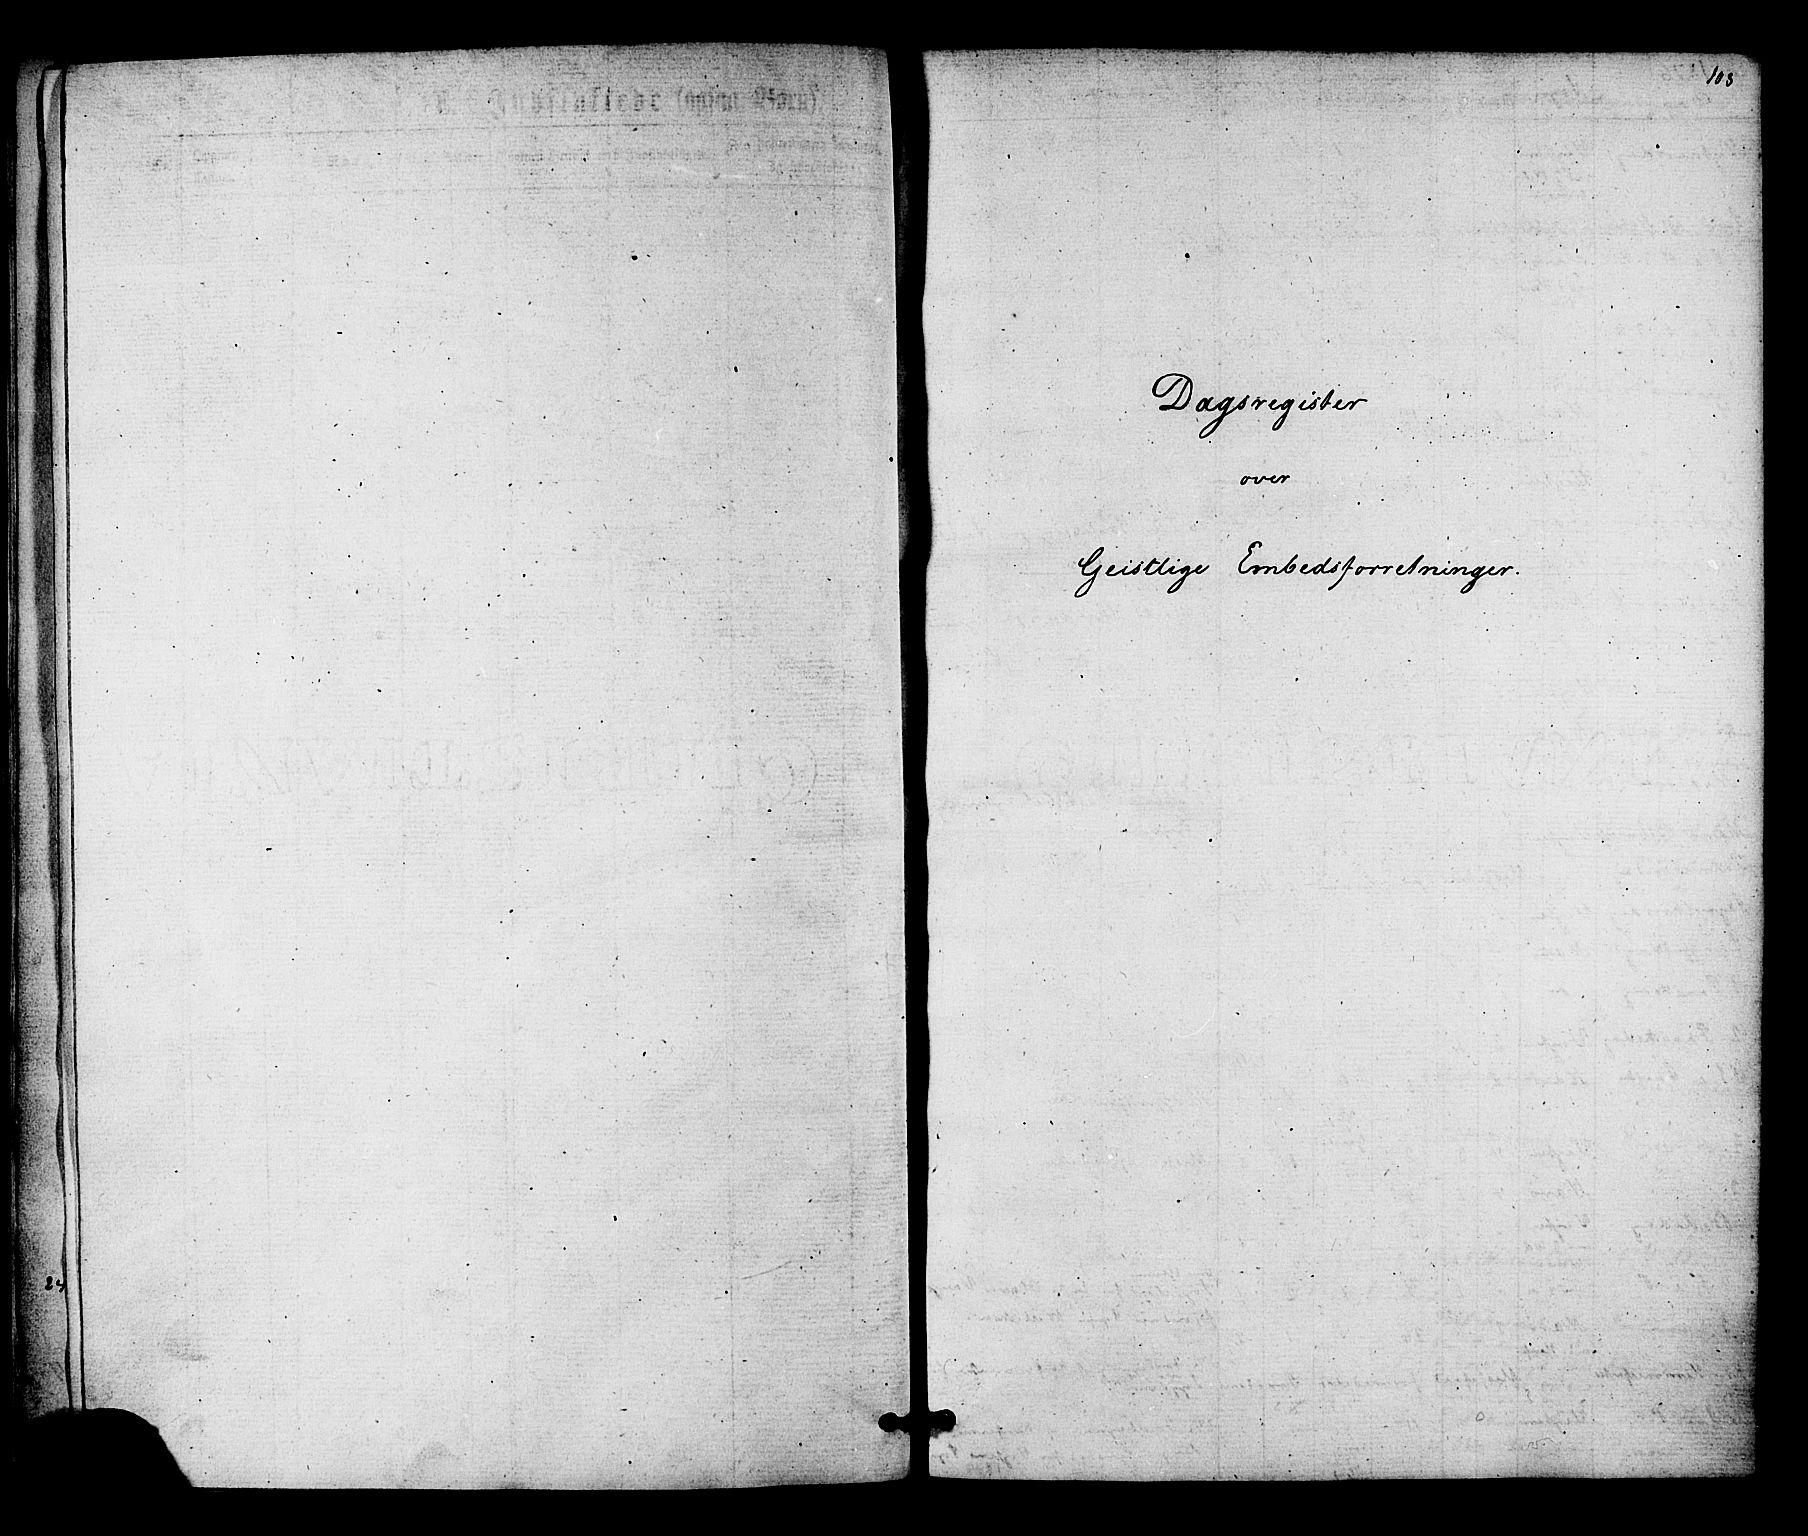 SAT, Ministerialprotokoller, klokkerbøker og fødselsregistre - Nord-Trøndelag, 784/L0671: Ministerialbok nr. 784A06, 1876-1879, s. 108